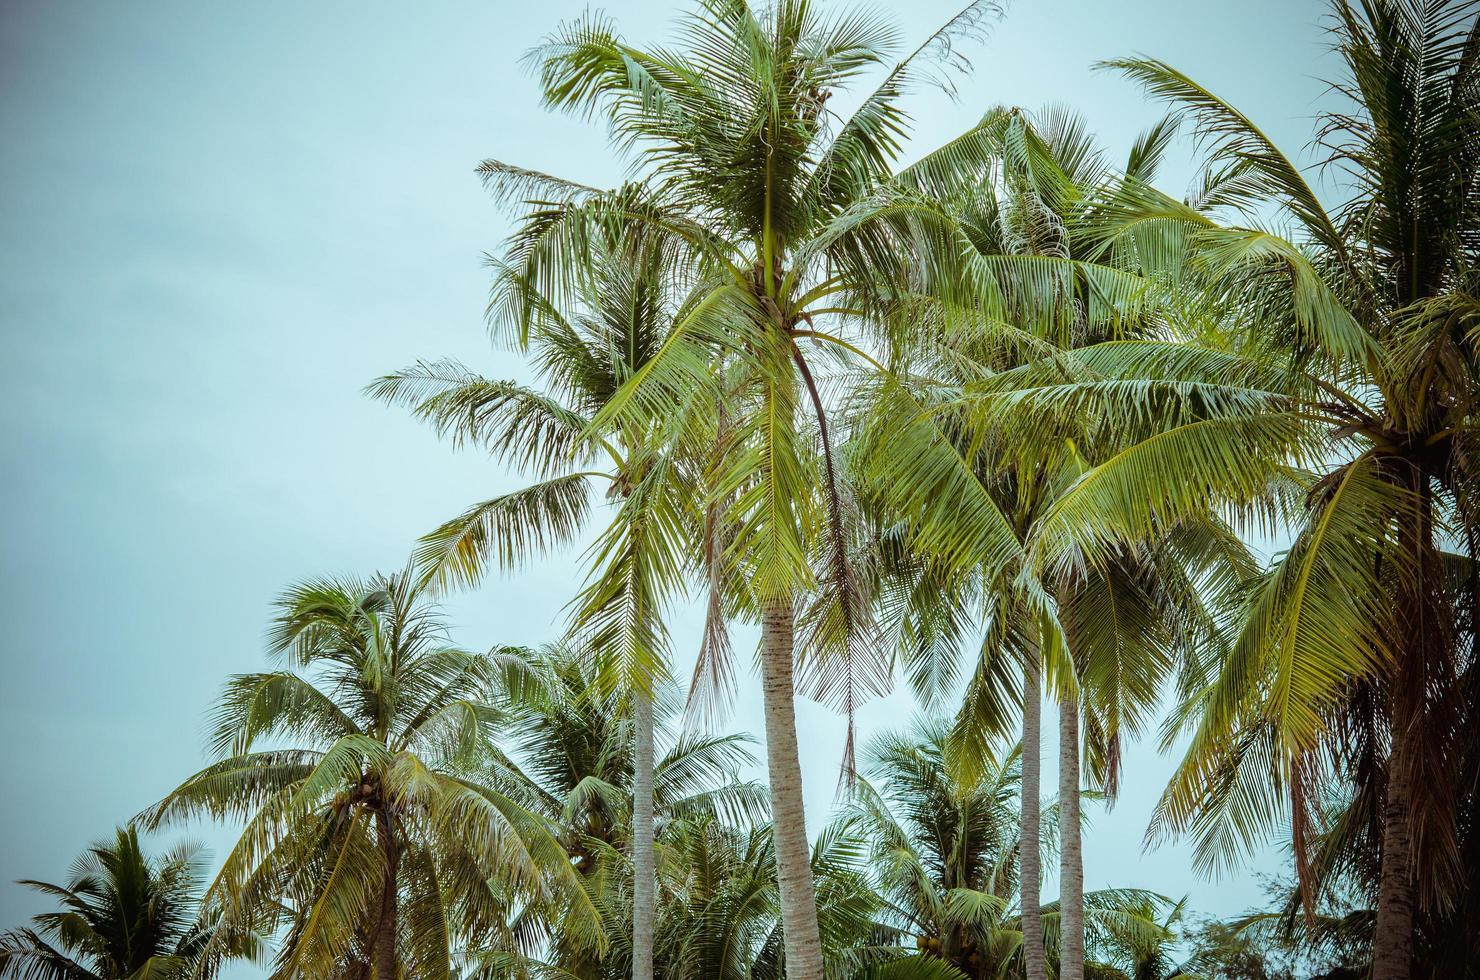 palmeras con un cielo azul foto